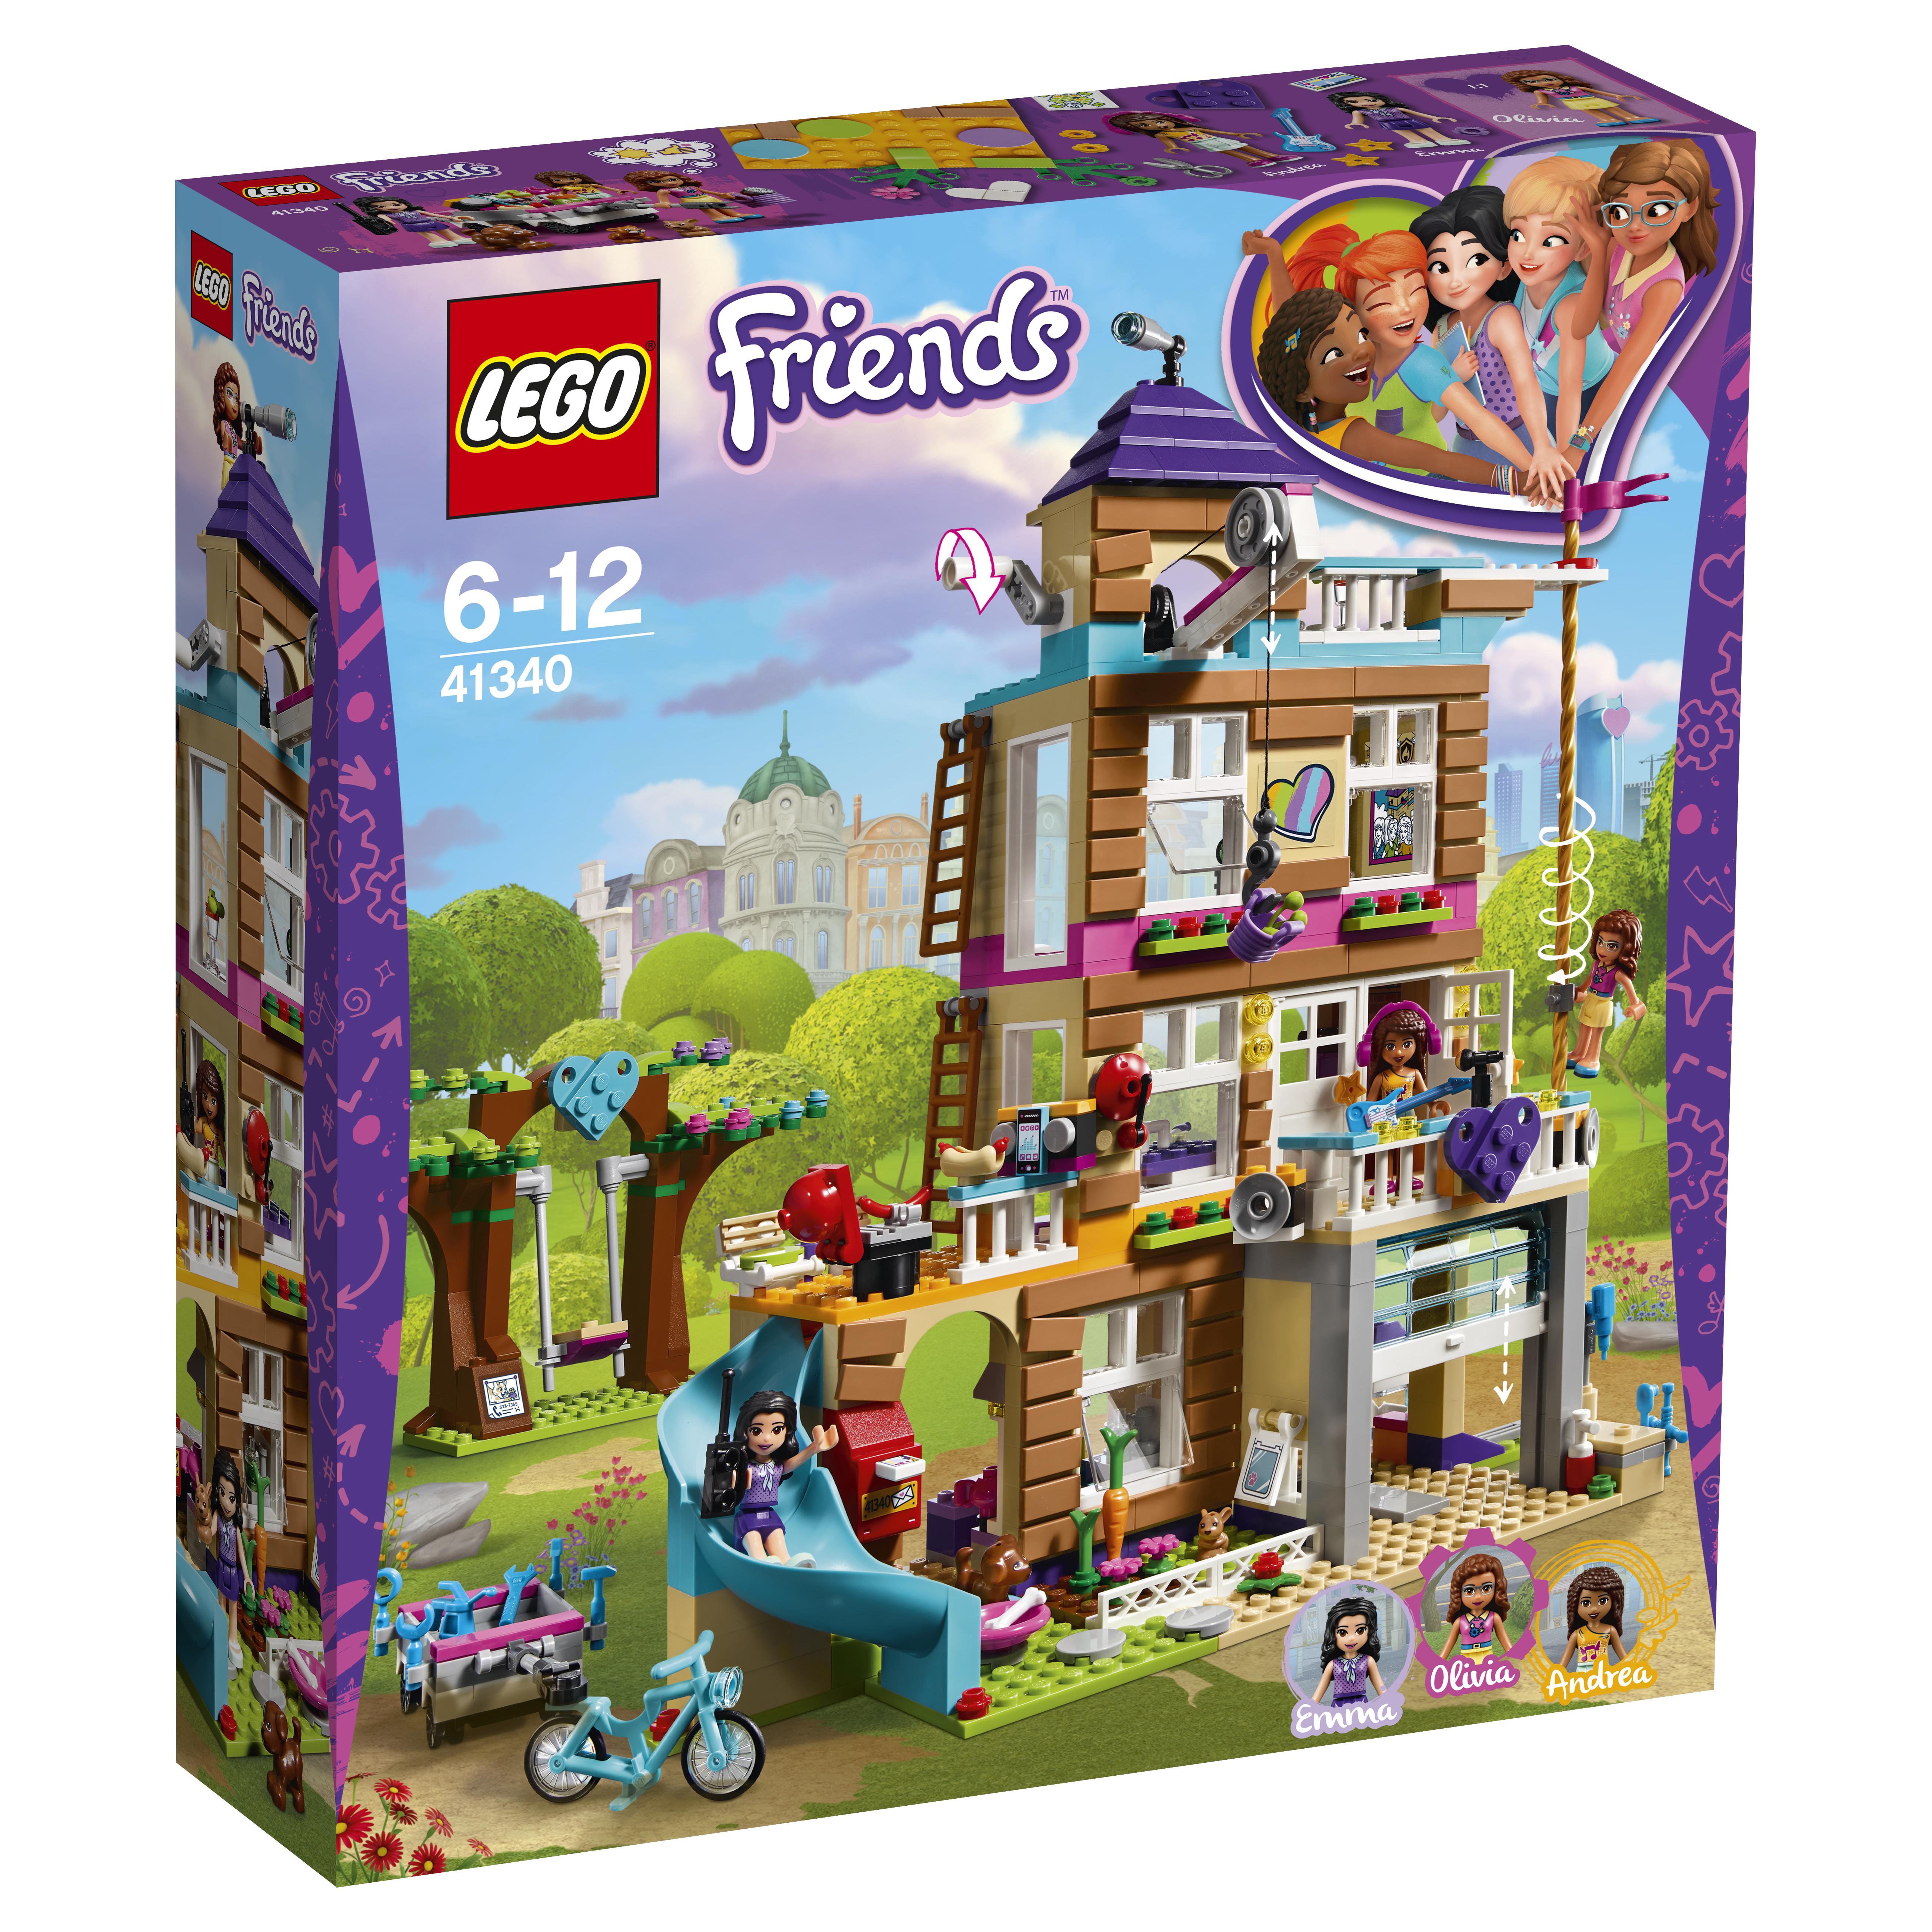 LEGO LEGO Friends 41340 Дом дружбы lego конструктор lego friends 41340 дом дружбы